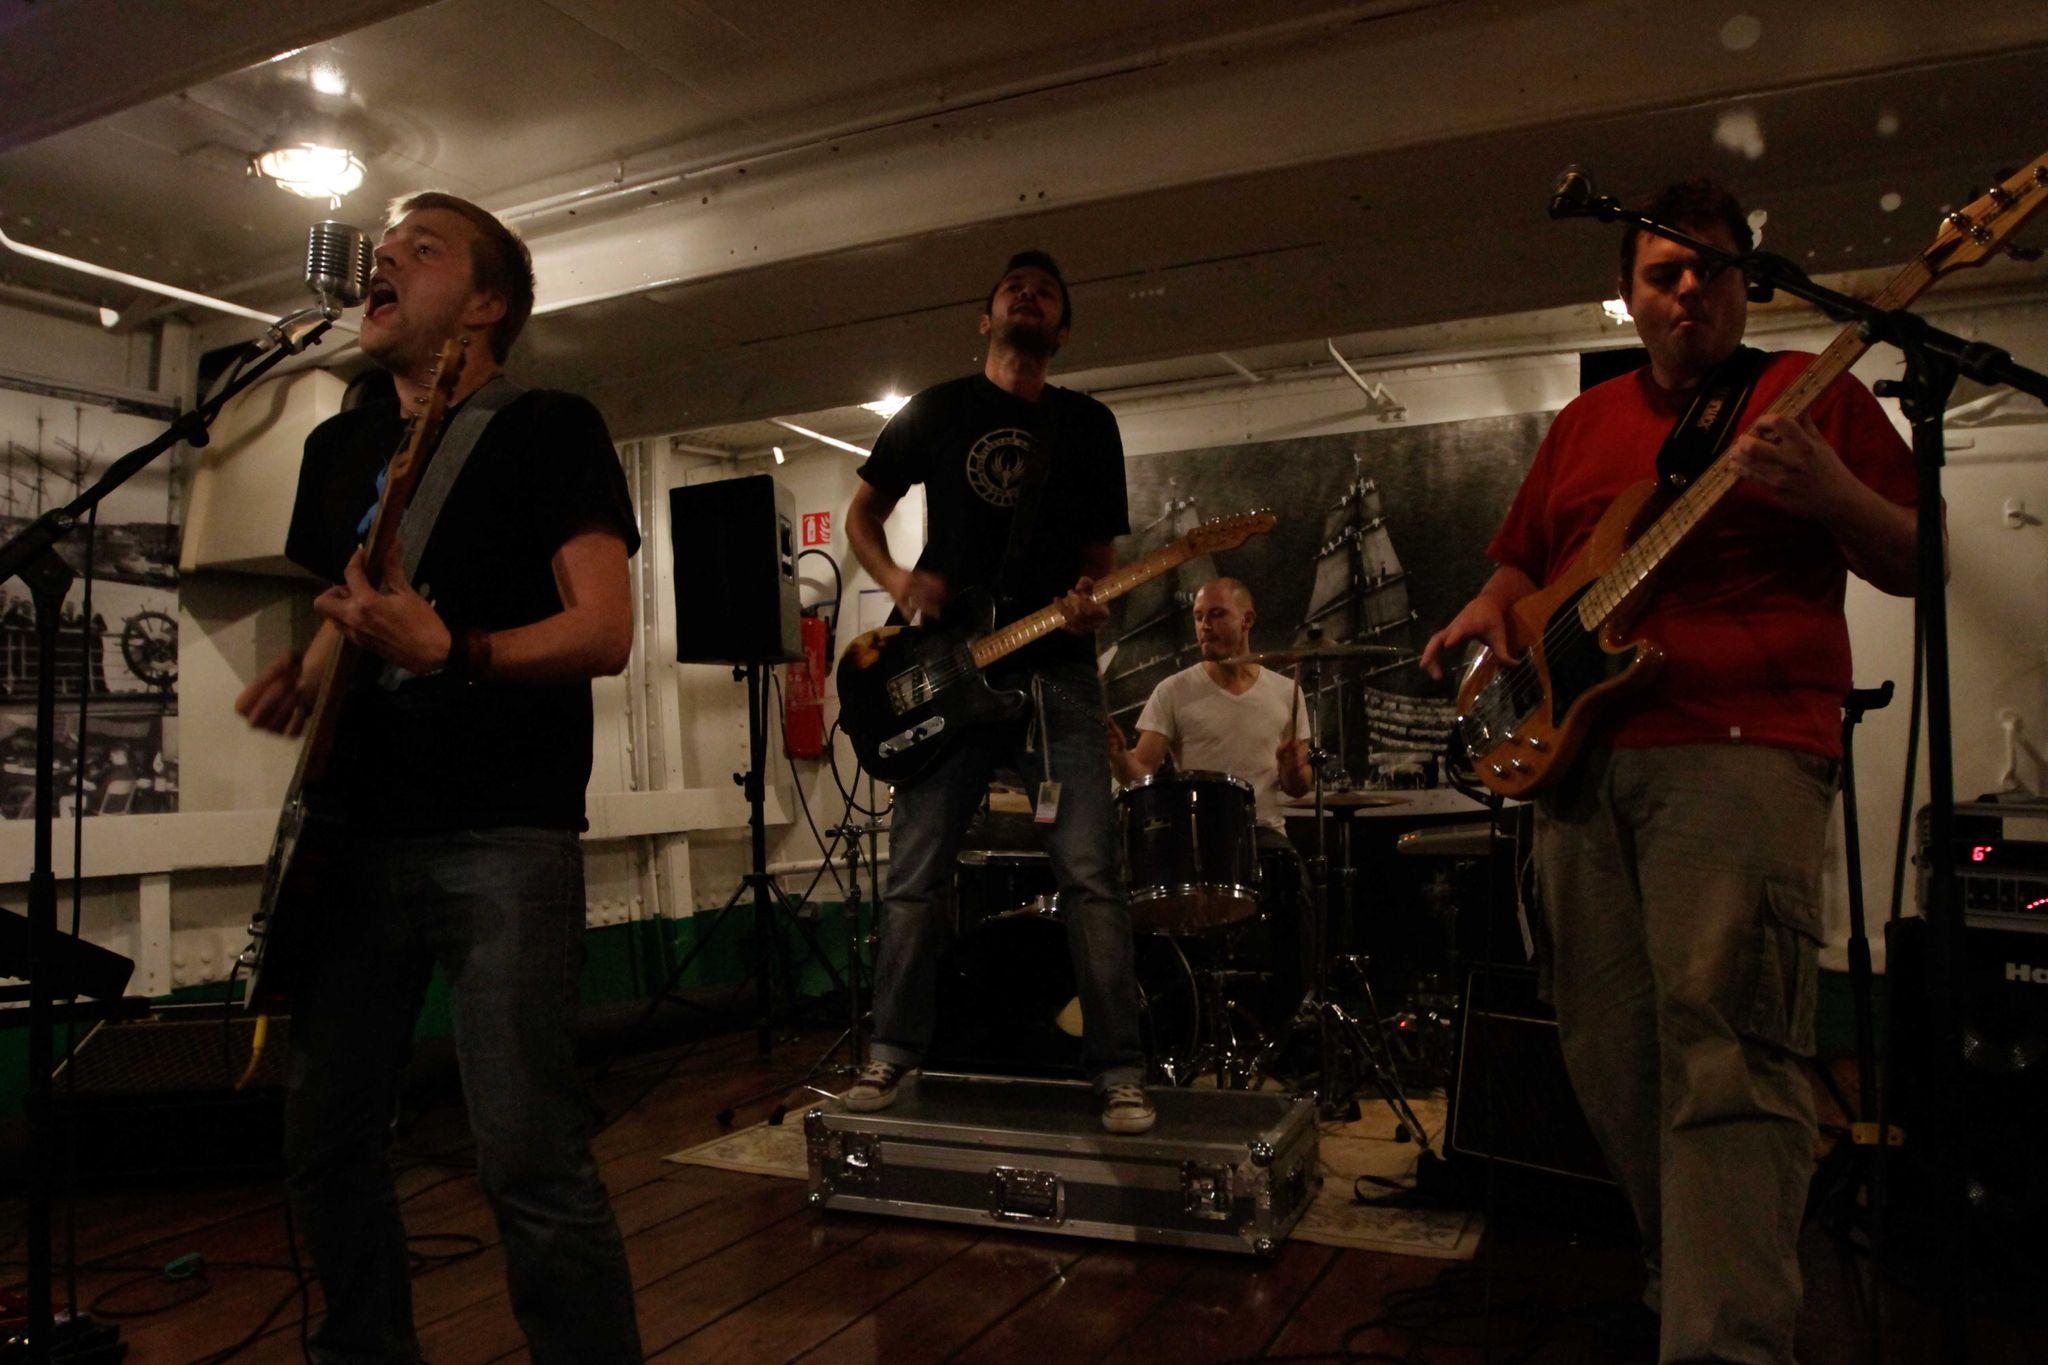 KillMeThisMonday-Bistrophonik2-Dunkerque-DuchesseAnne-2012-7